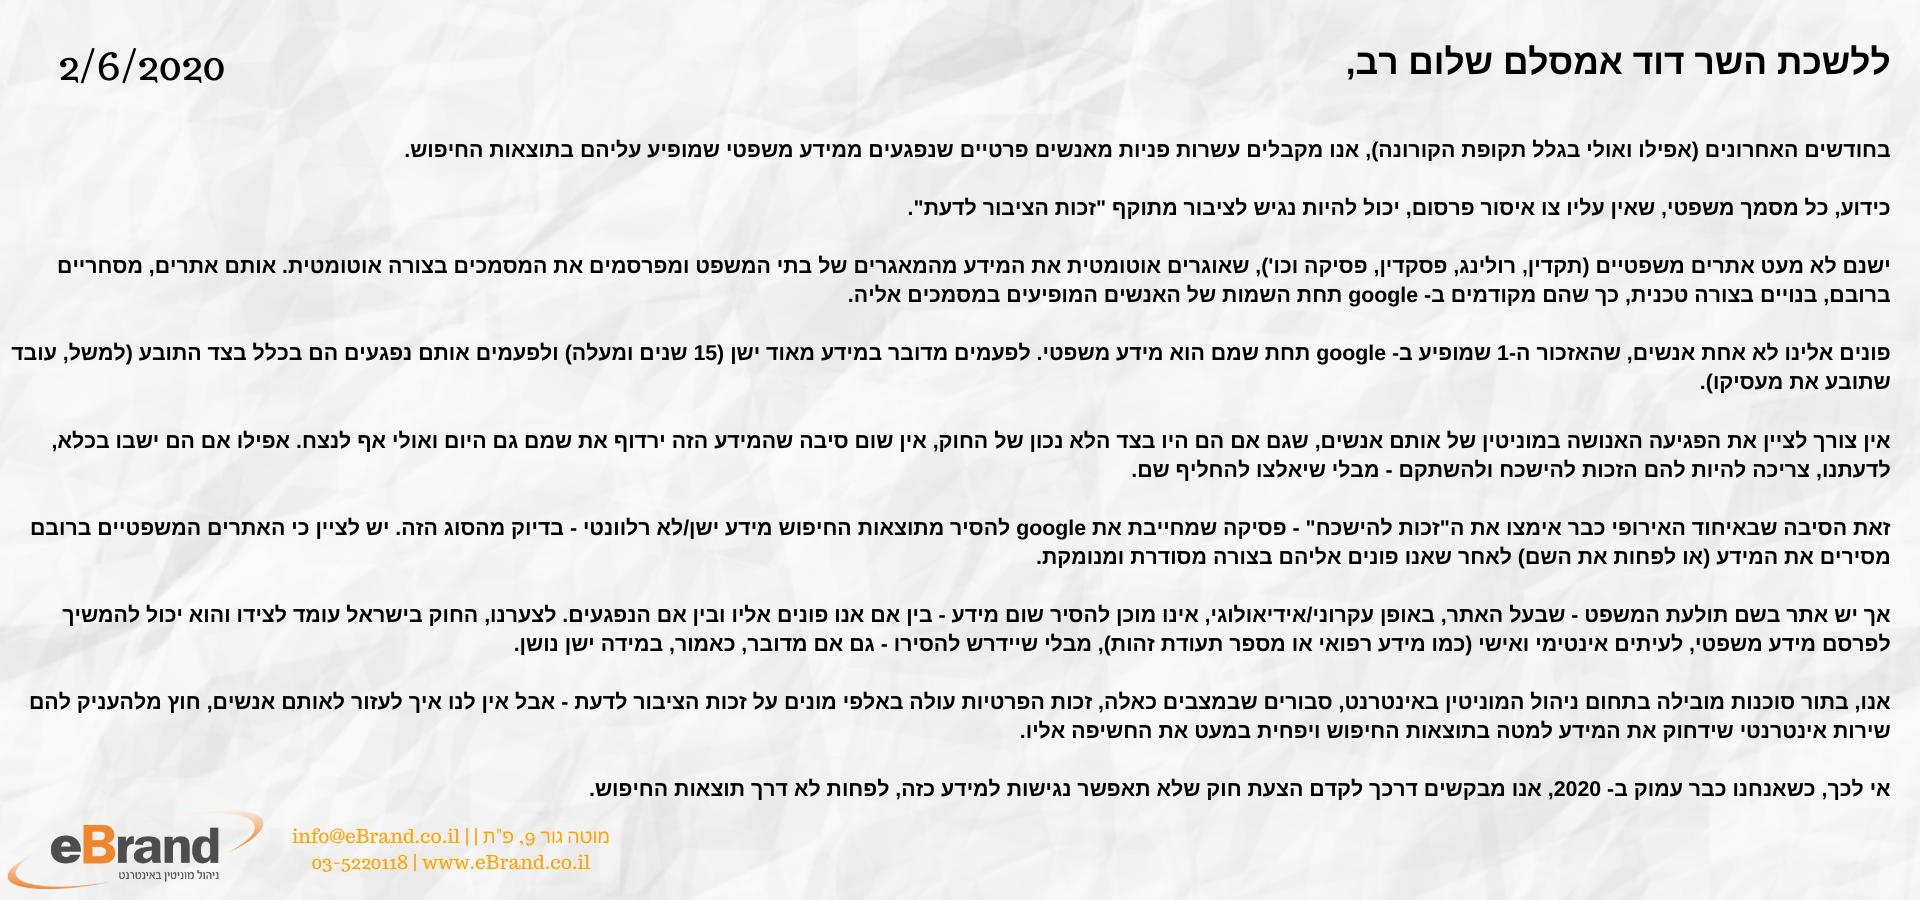 מכתב לשר דוד אמסלם